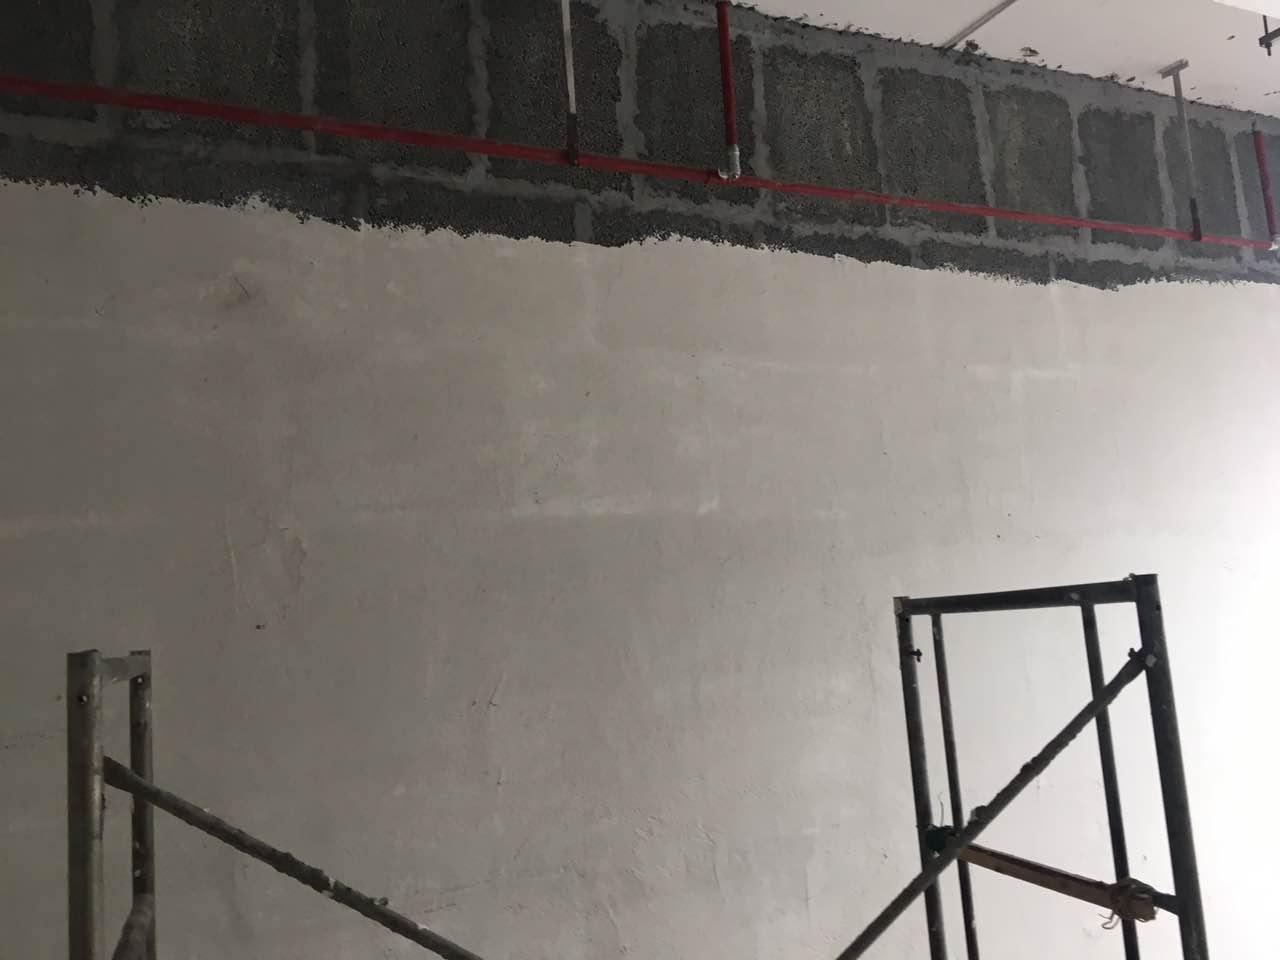 福建陶粒公司关于泡沫混凝土施工注意介绍